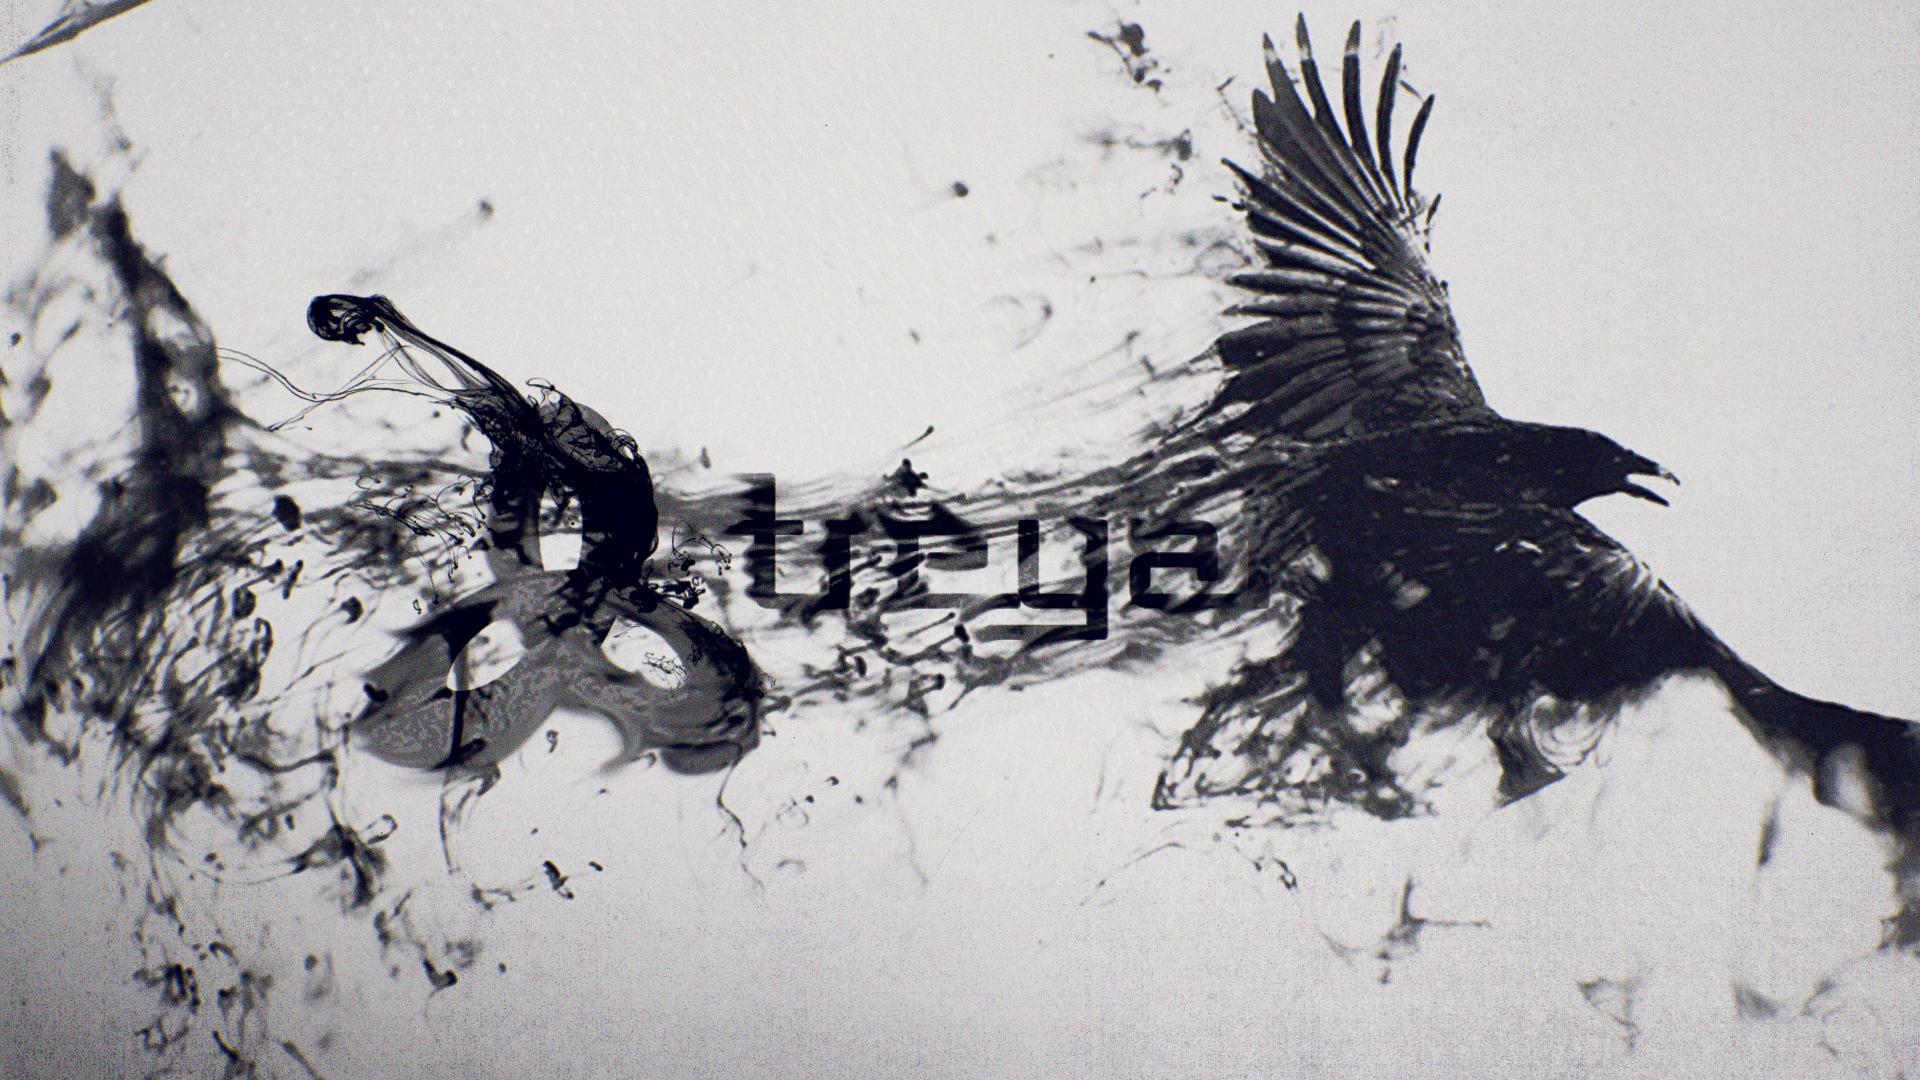 Raven_logo_v003.jpg